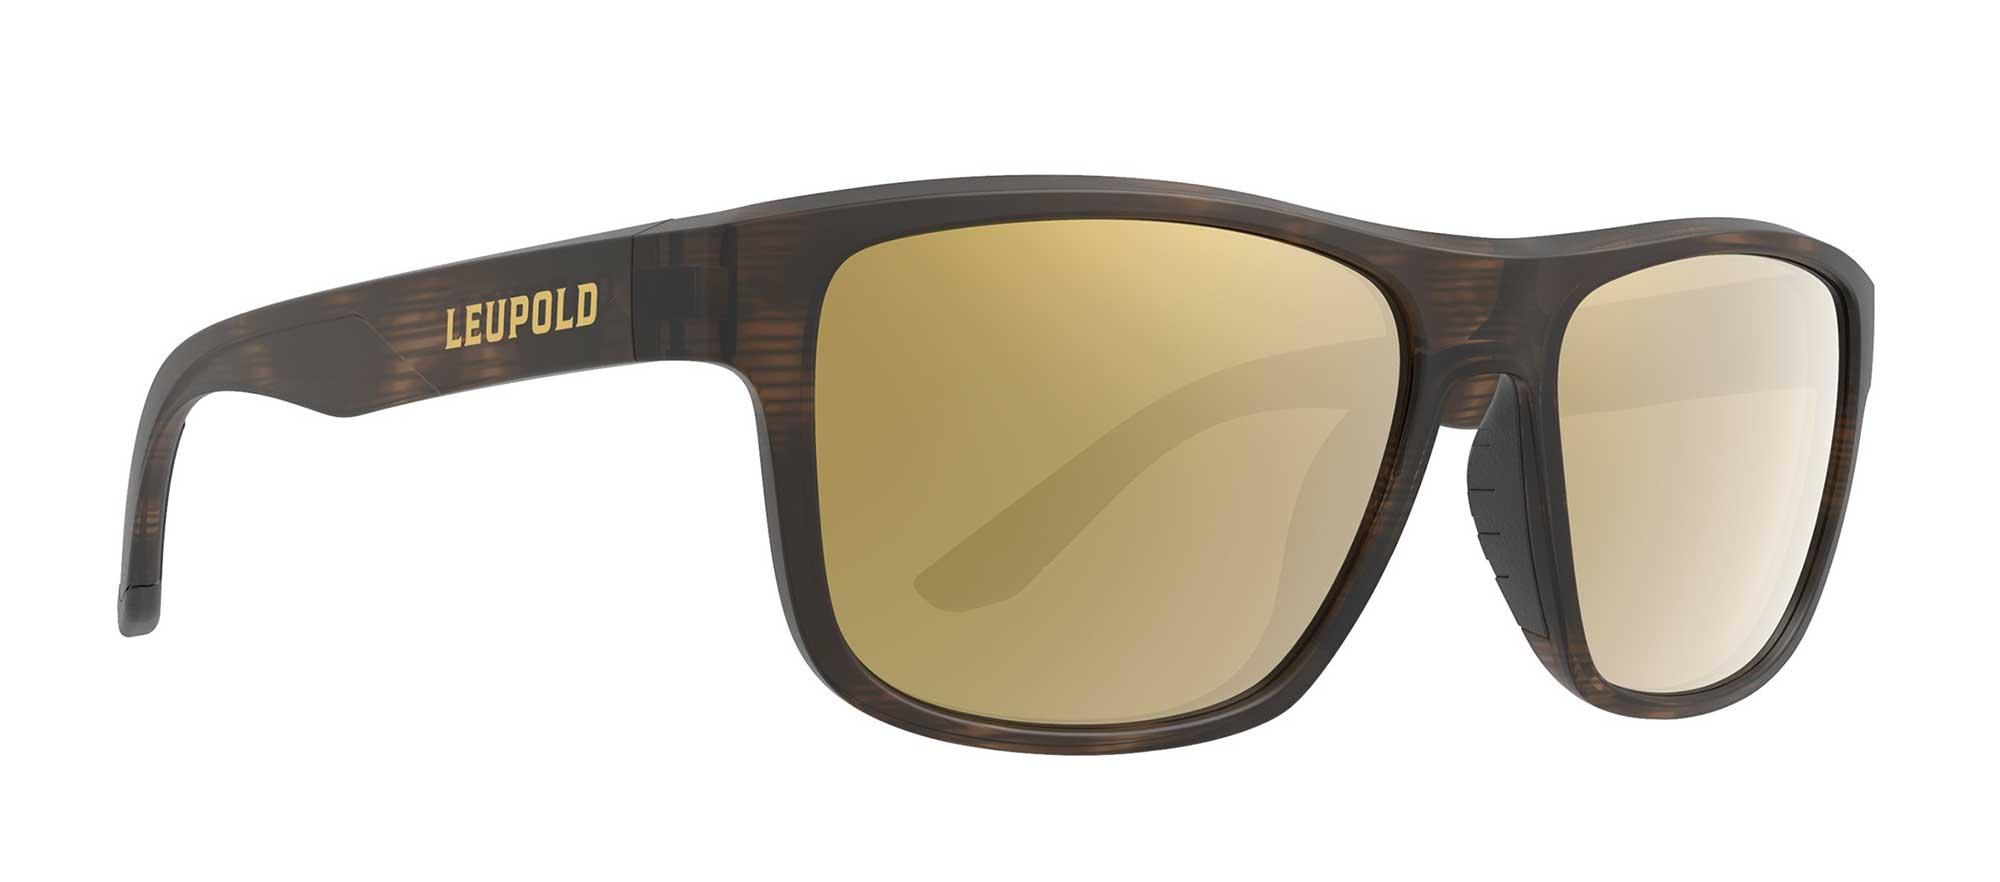 Leupold Katmai Sunglasses